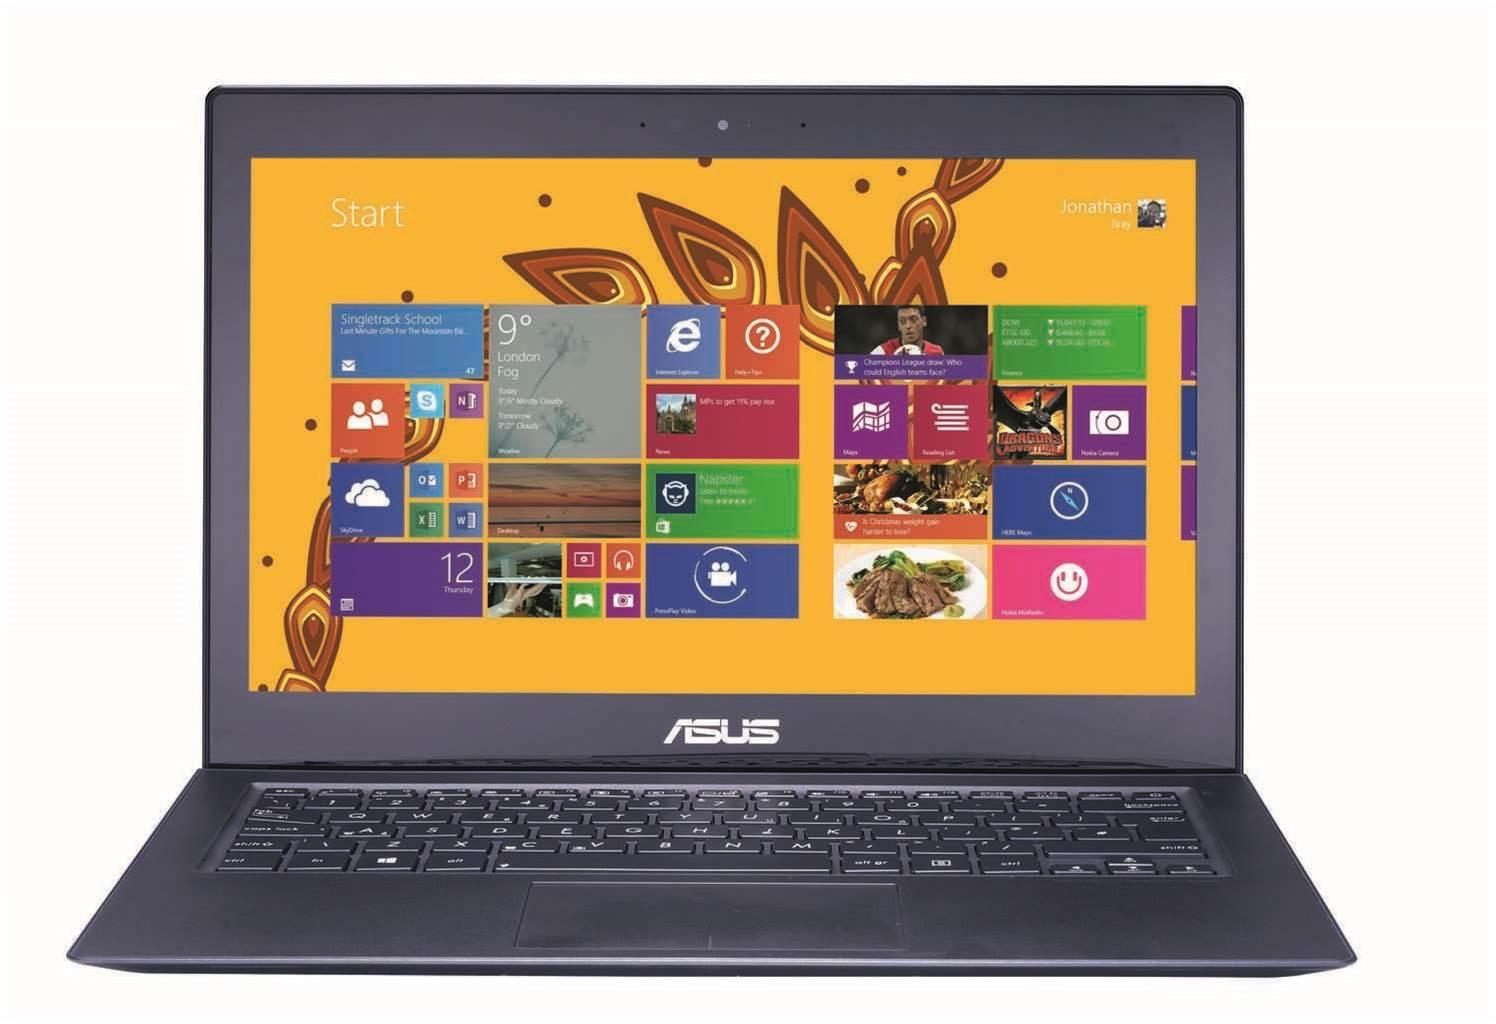 Asus Zenbook Infinity UX301LA